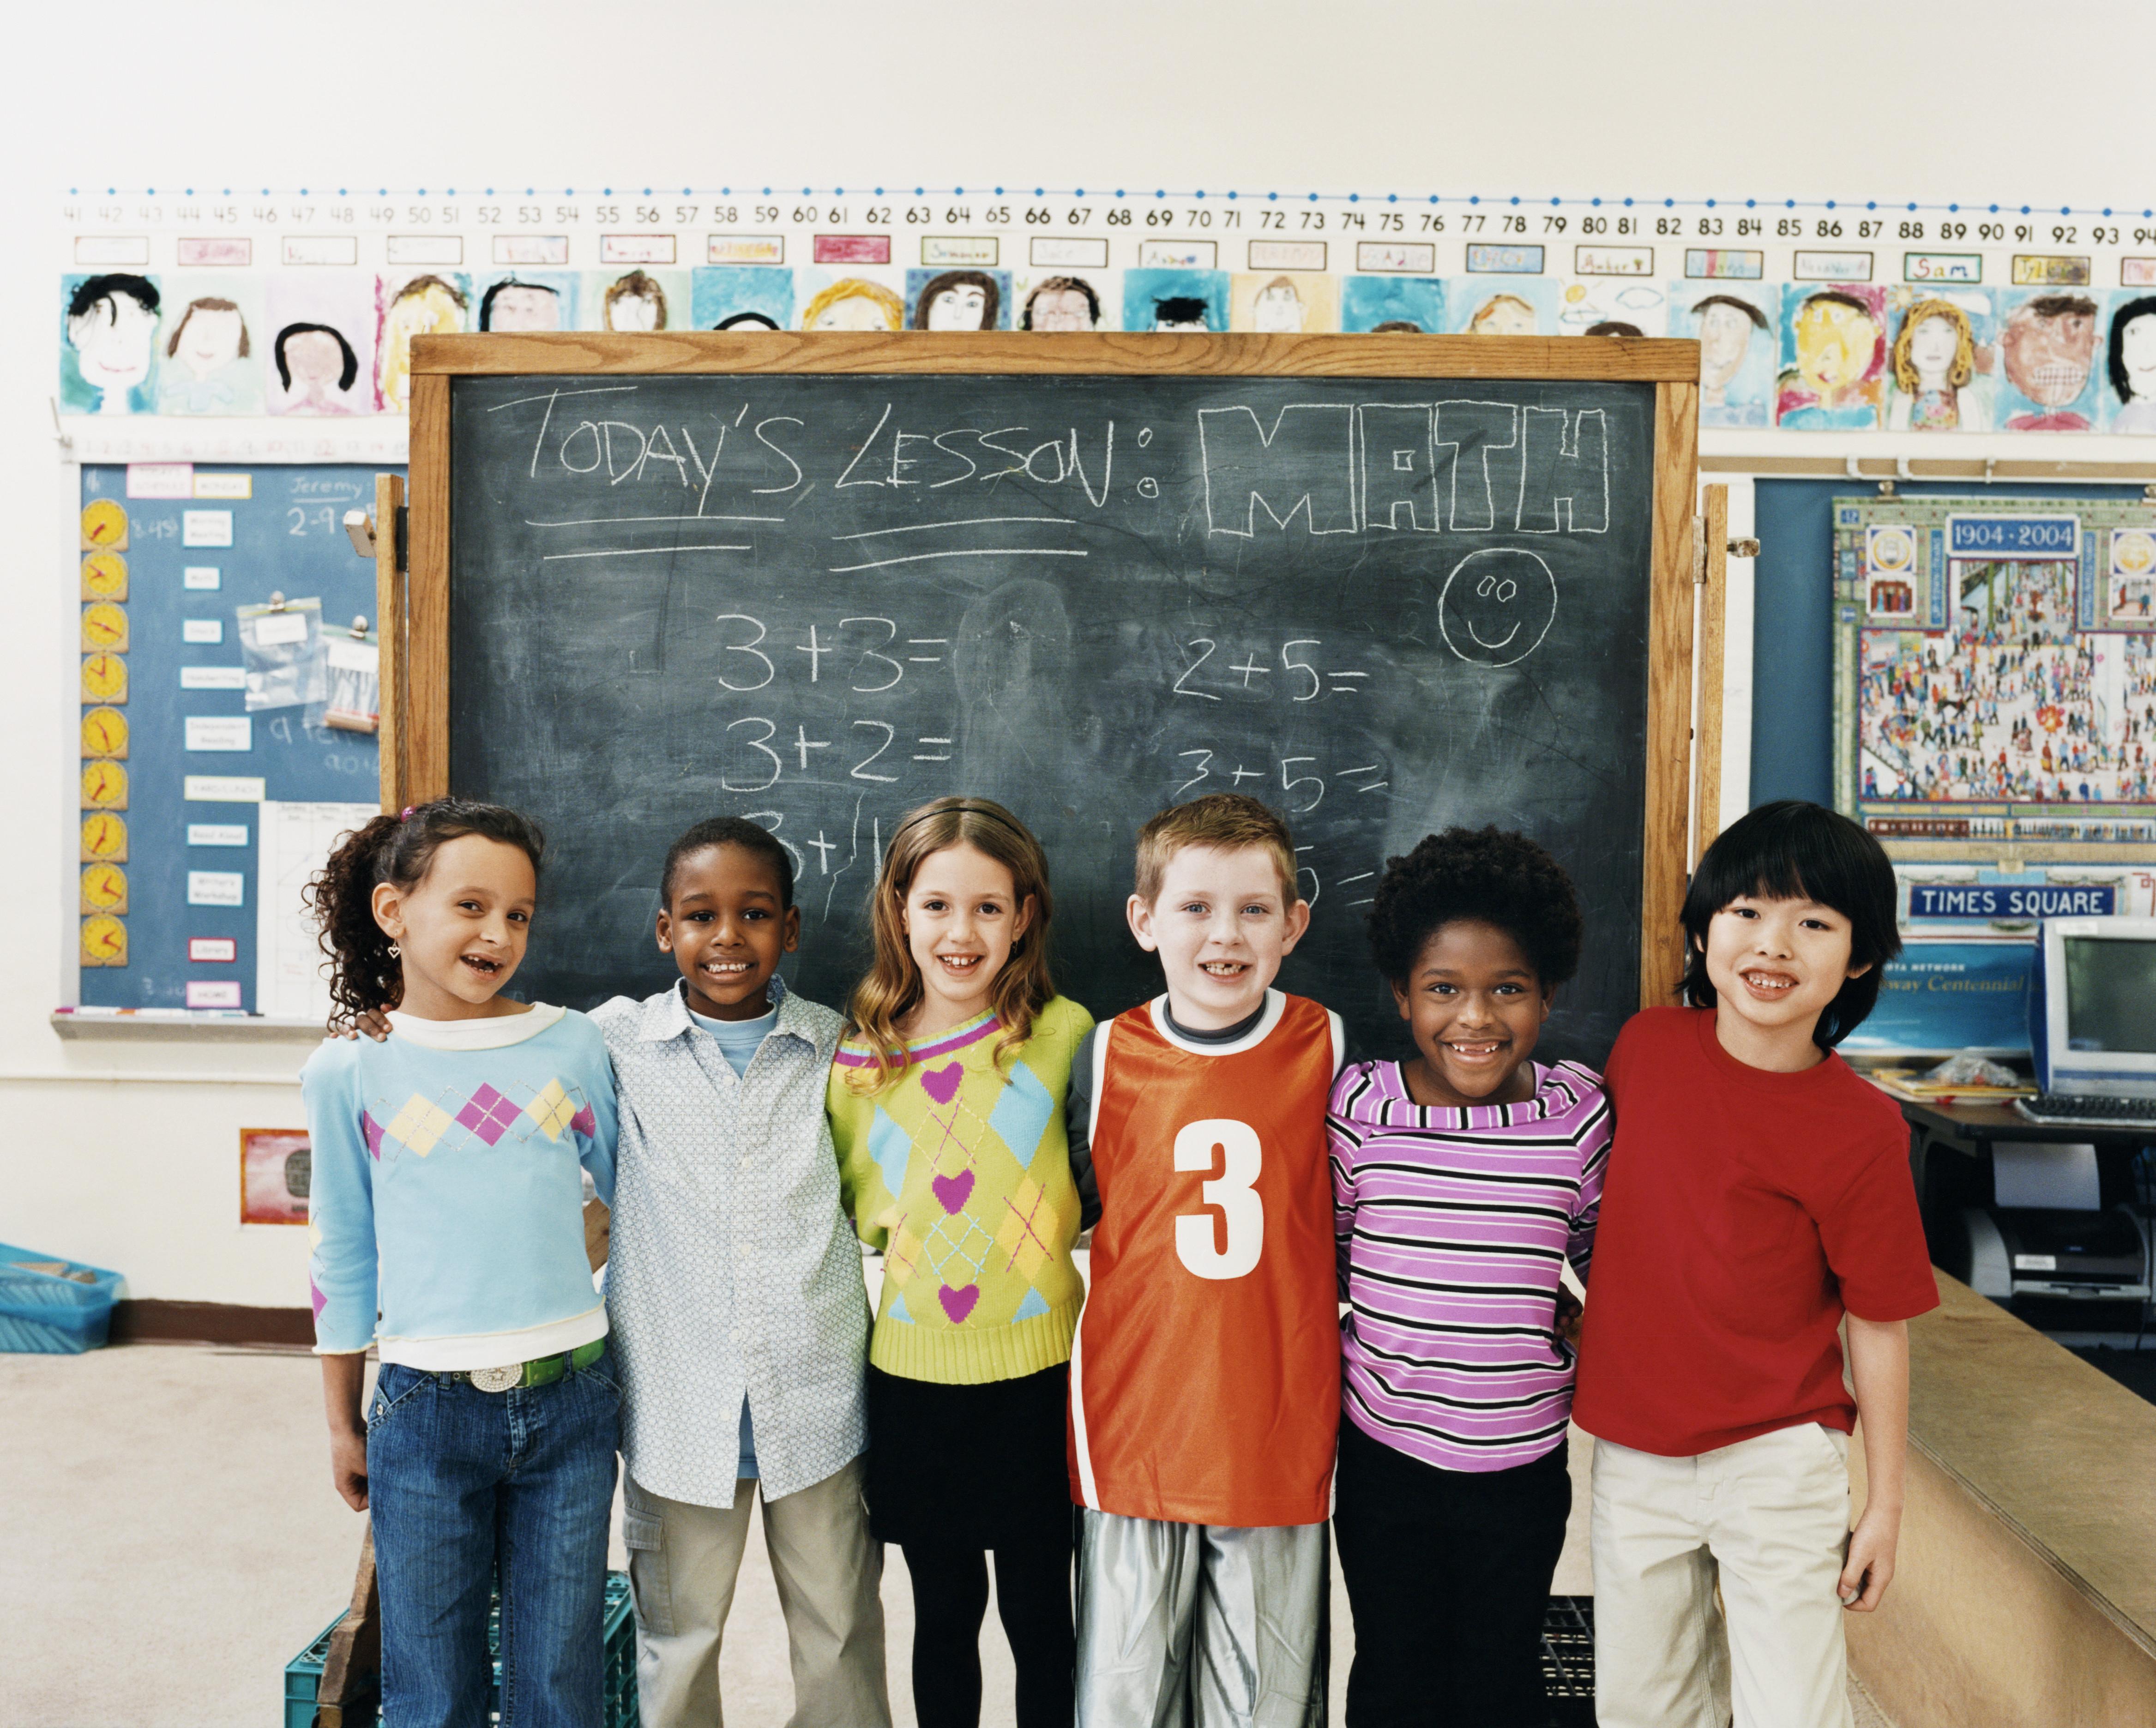 Chirldren in school in front of blackboard